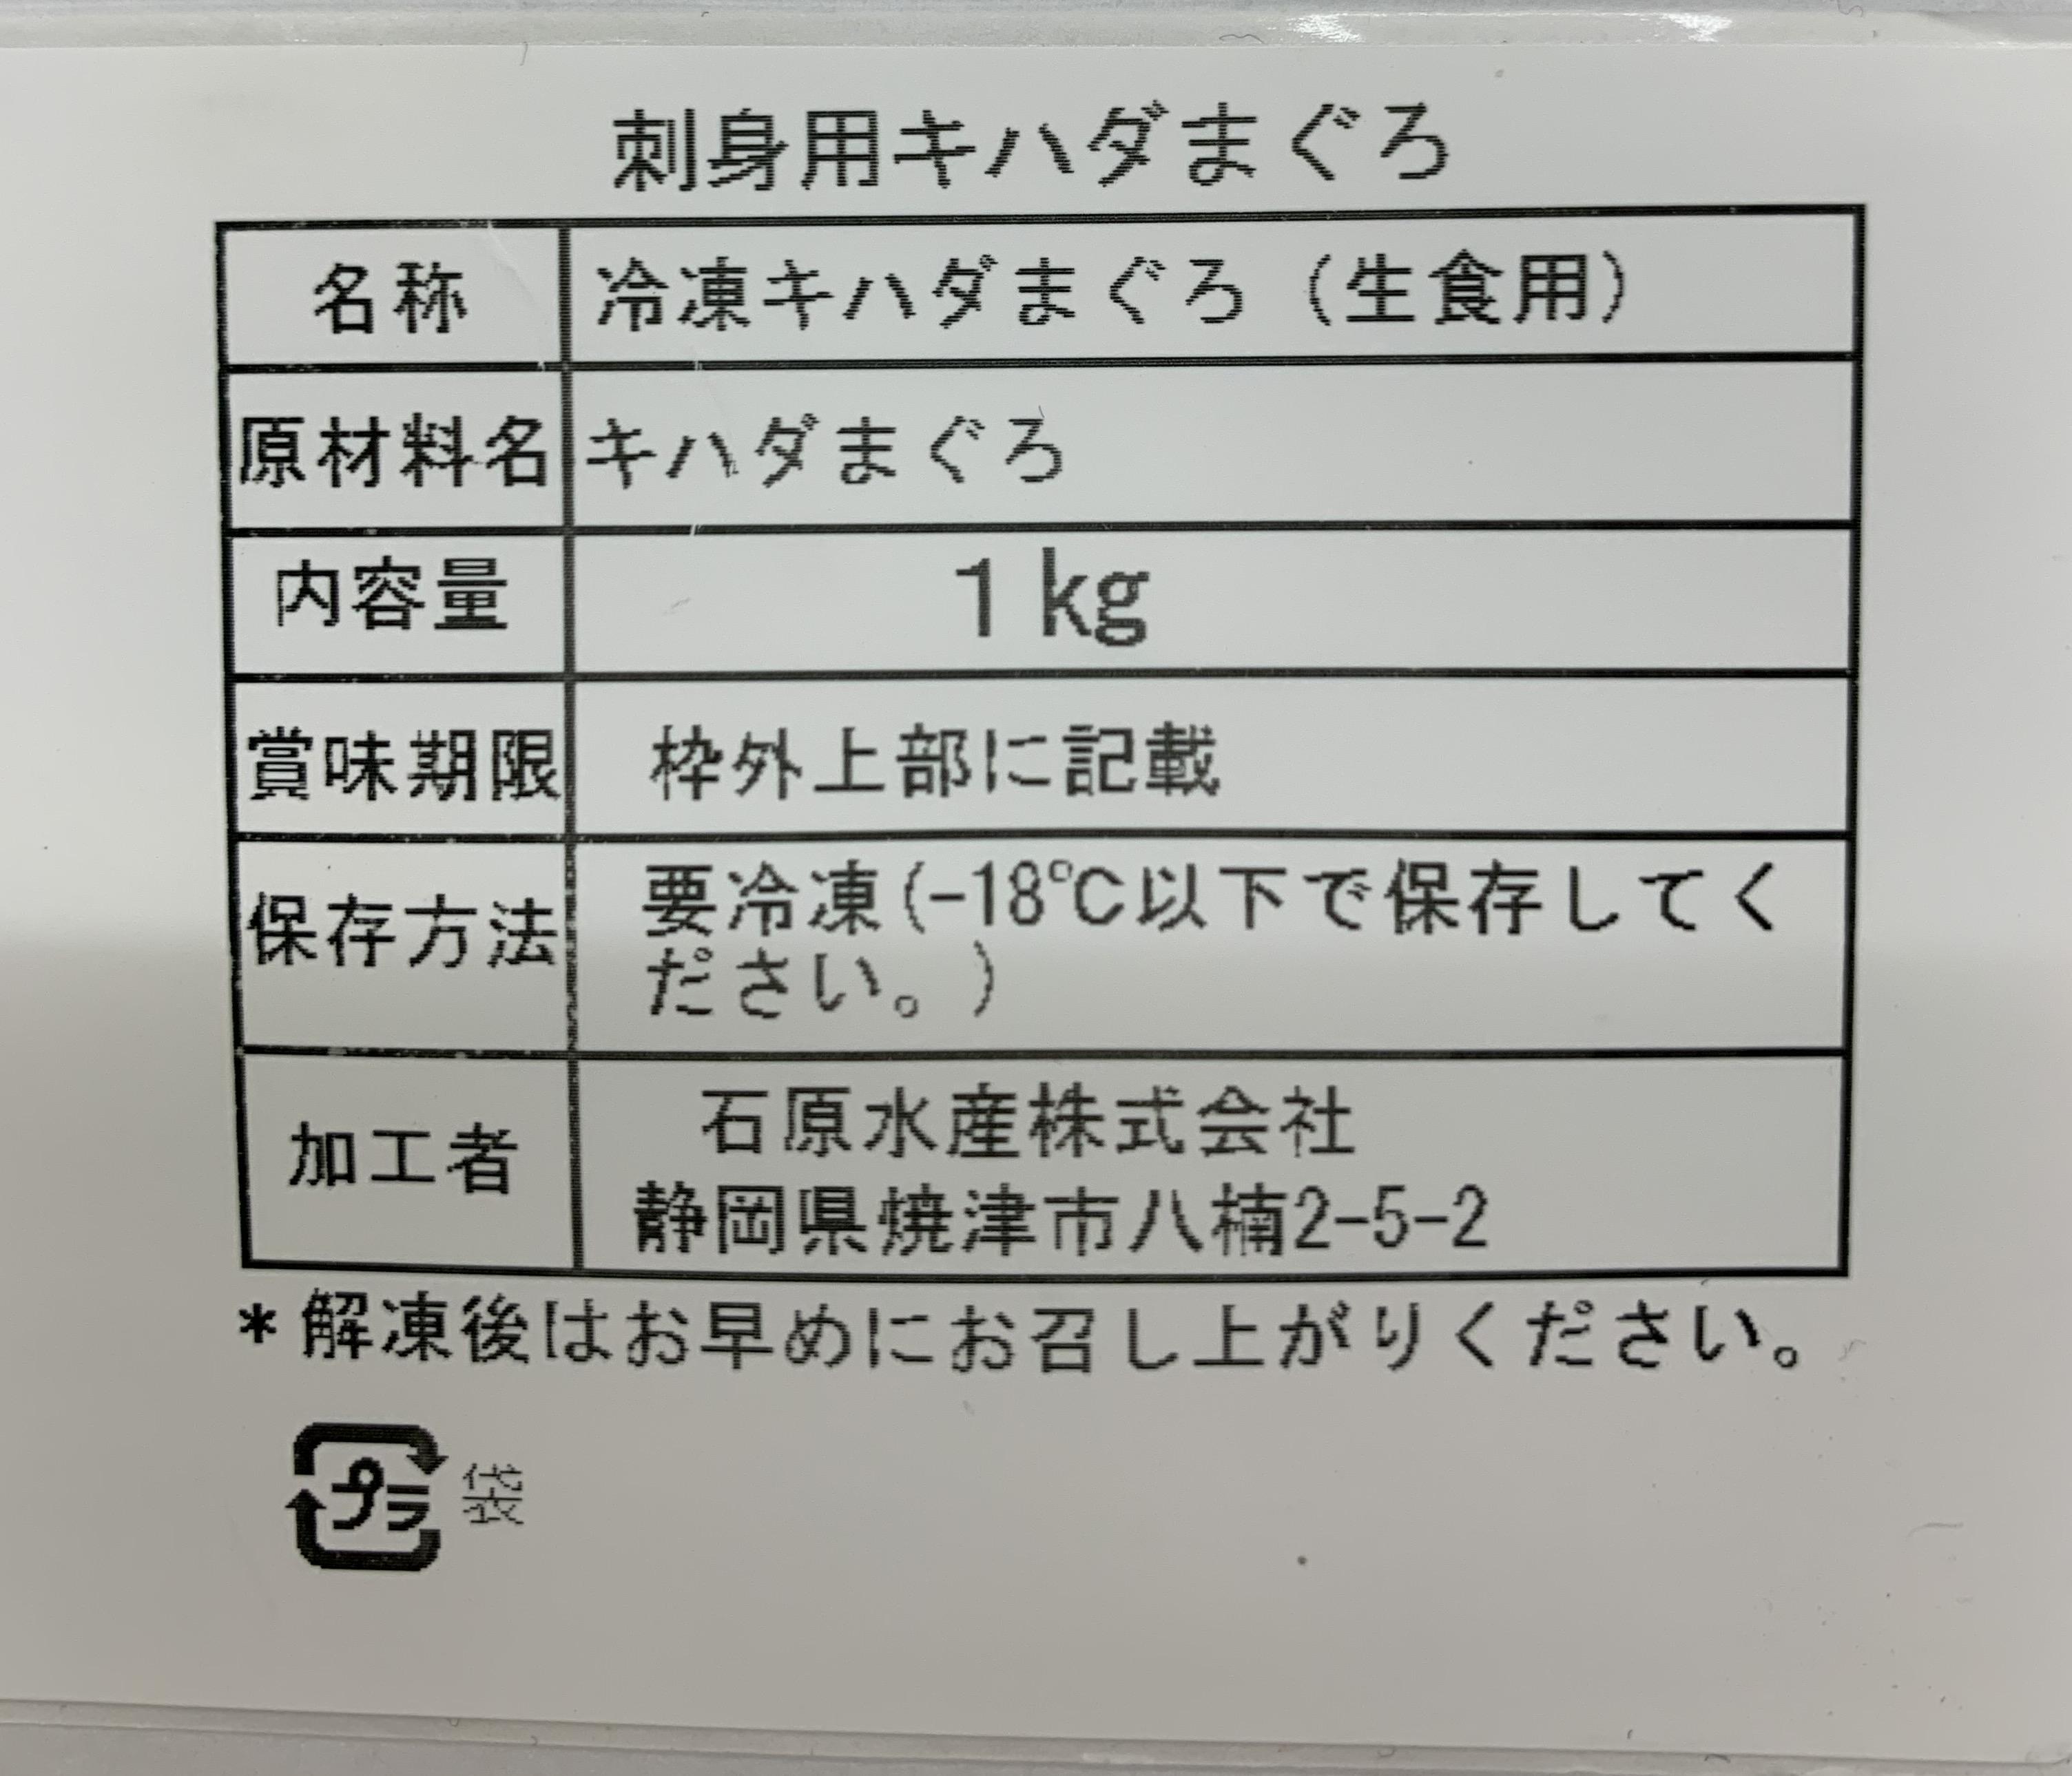 キハダまぐろ切り落とし(不定形柵)1kg以上